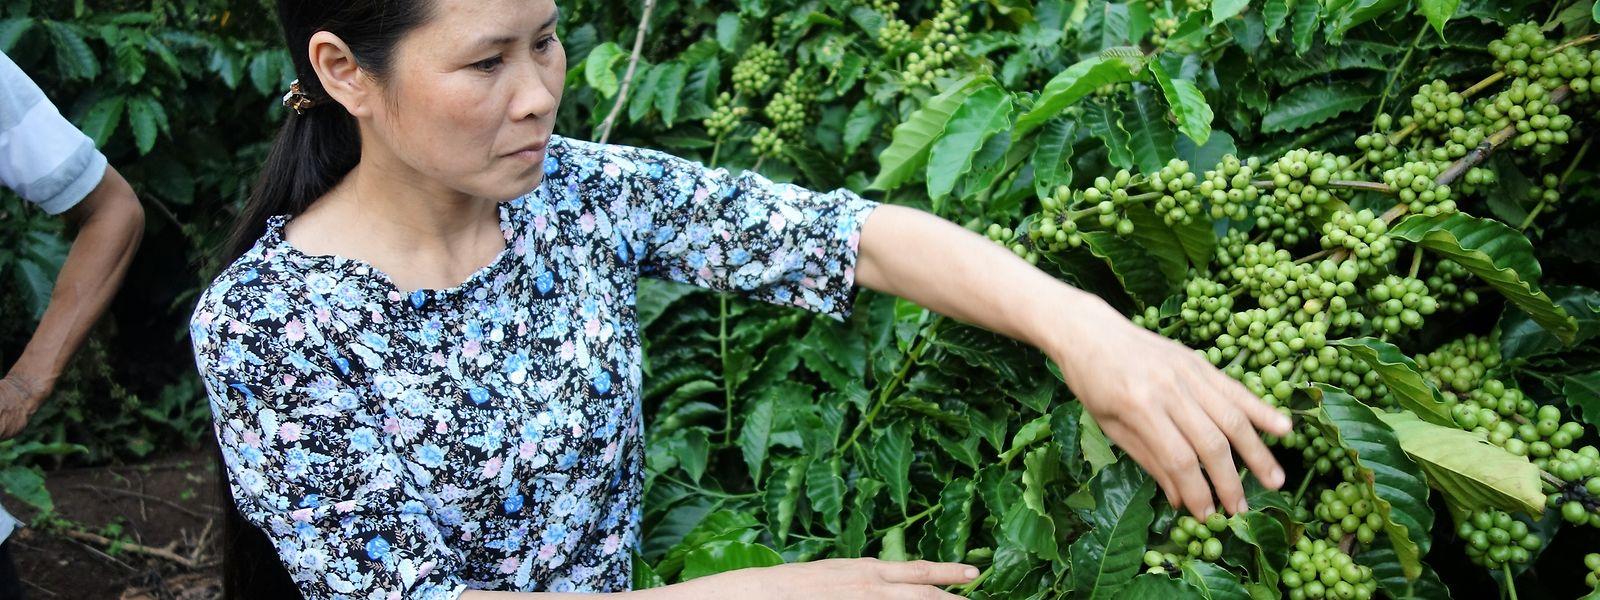 In den Kaffeegärten der Kooperative Eakiet wird sich sorgsam um die Gesundheit der Pflanzen gekümmert.